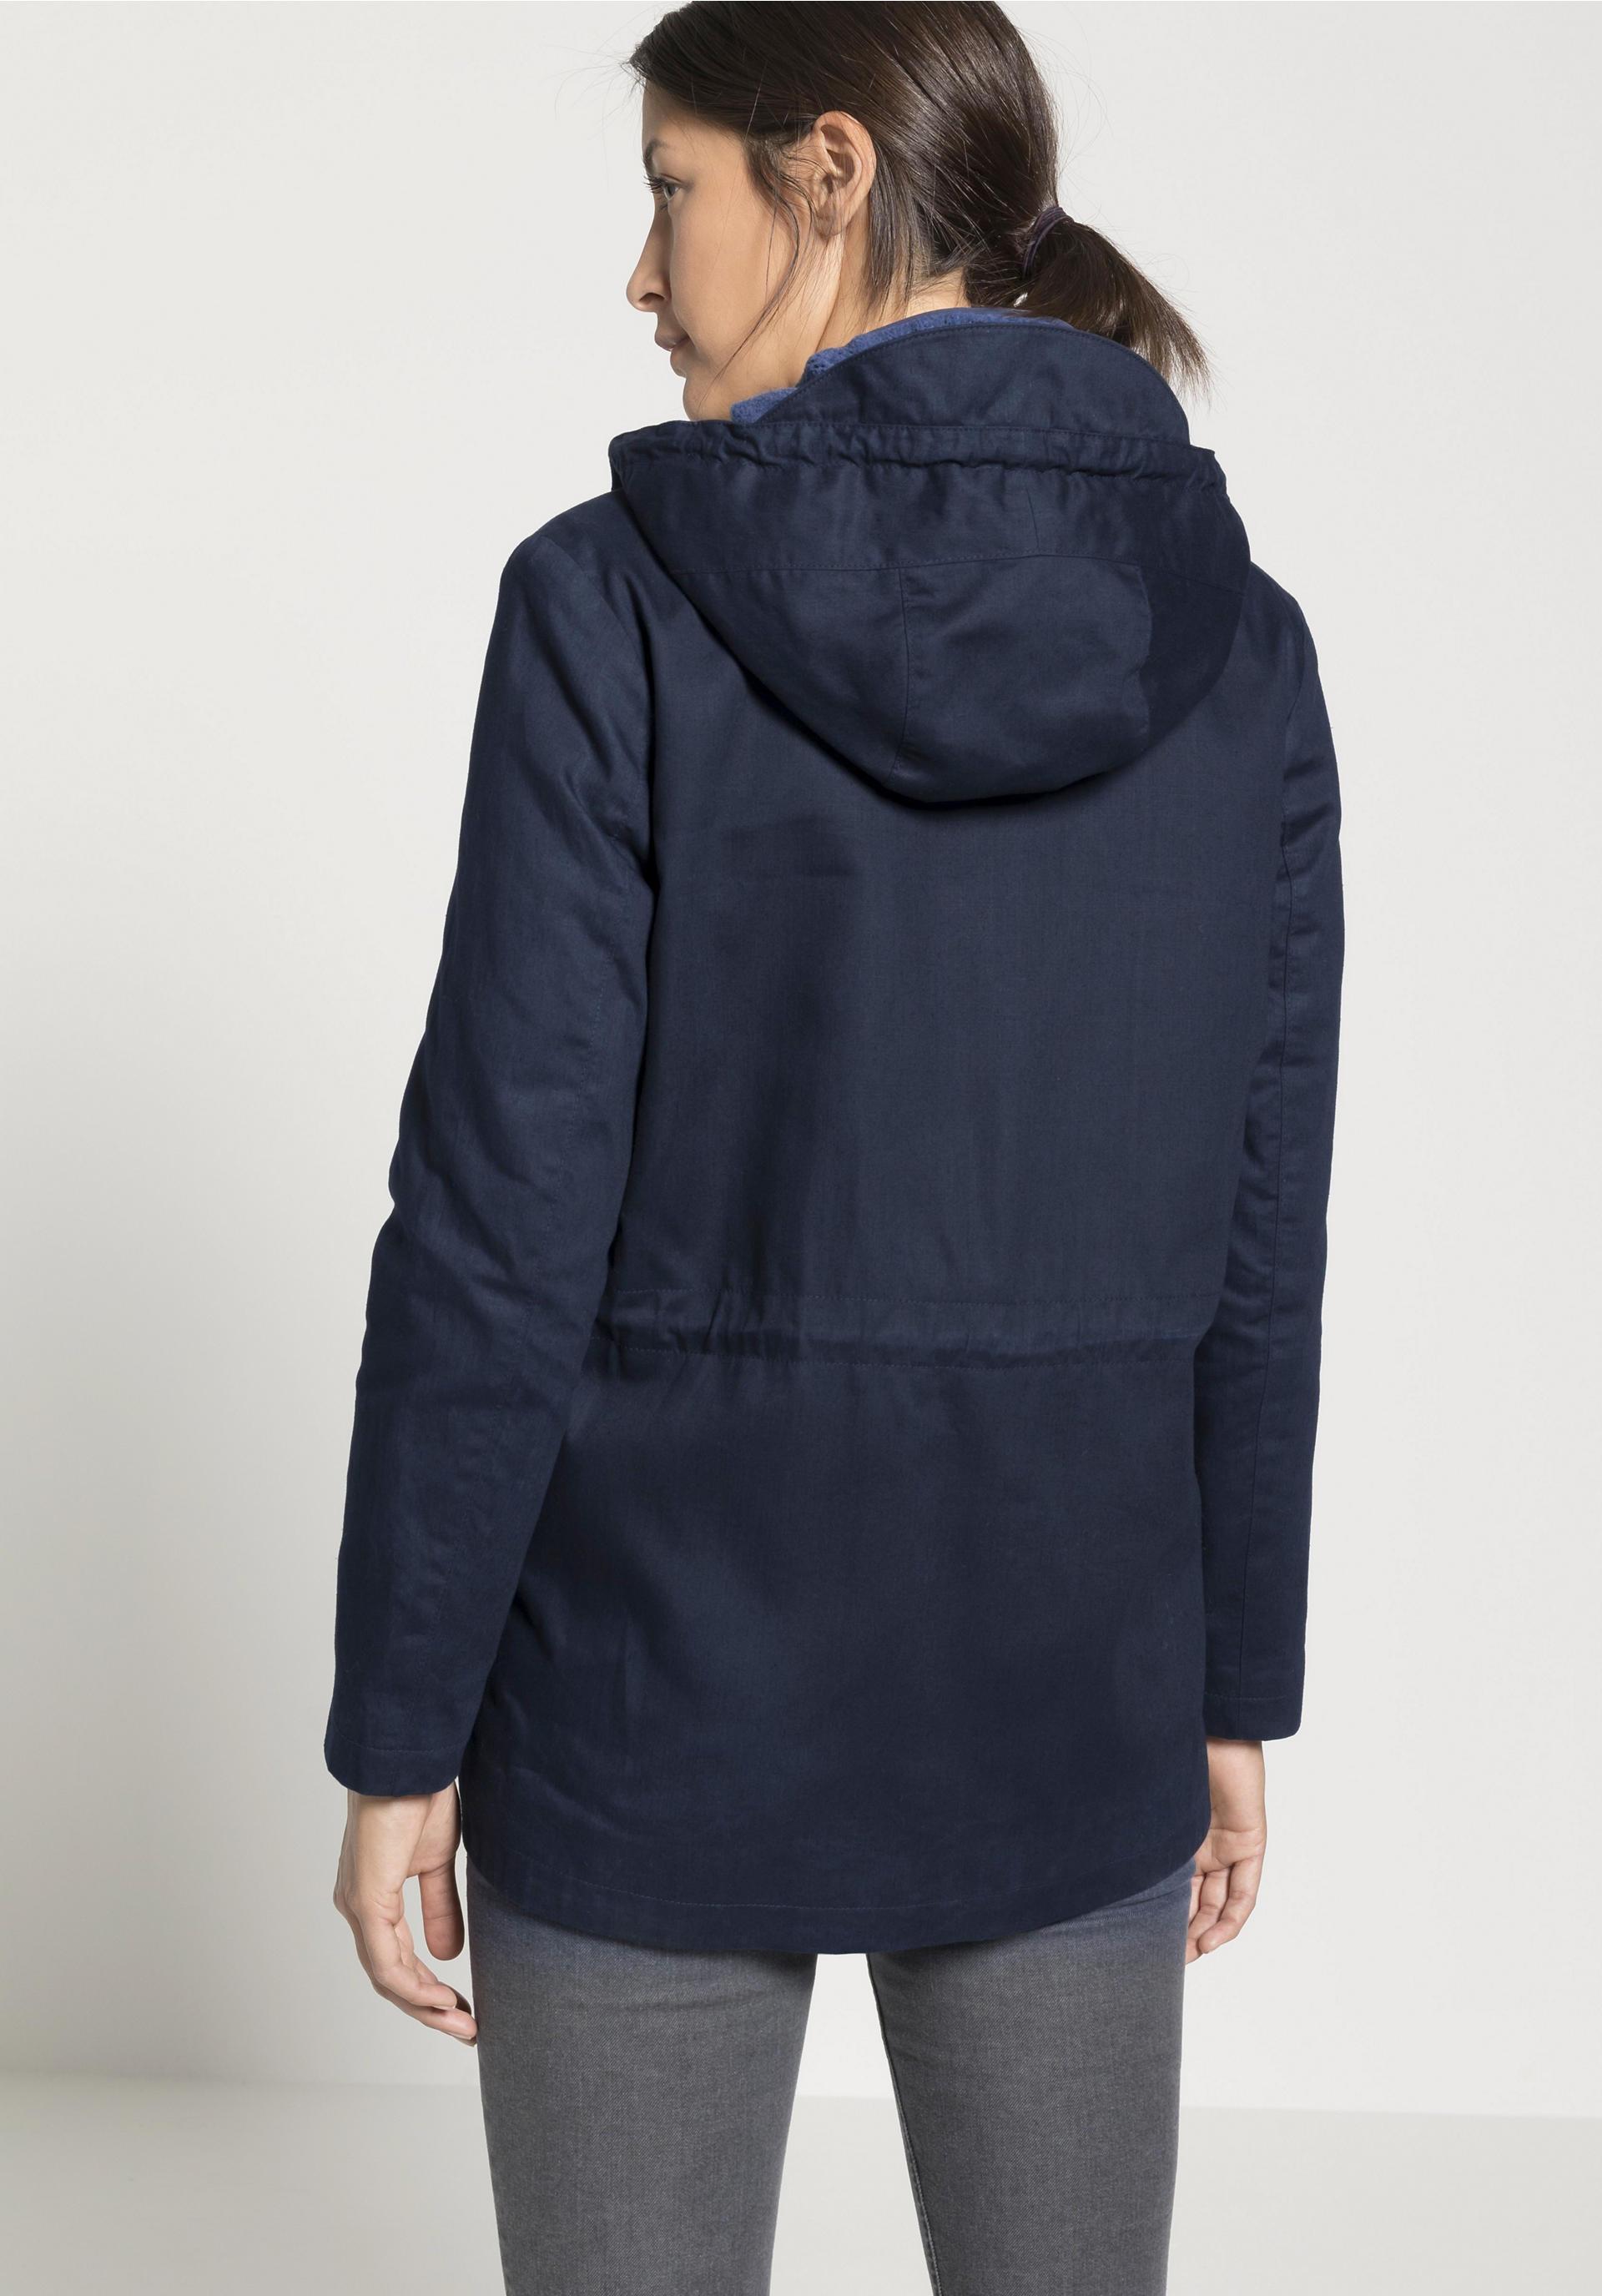 Wachsjacke aus reiner Bio Baumwolle von hessnatur